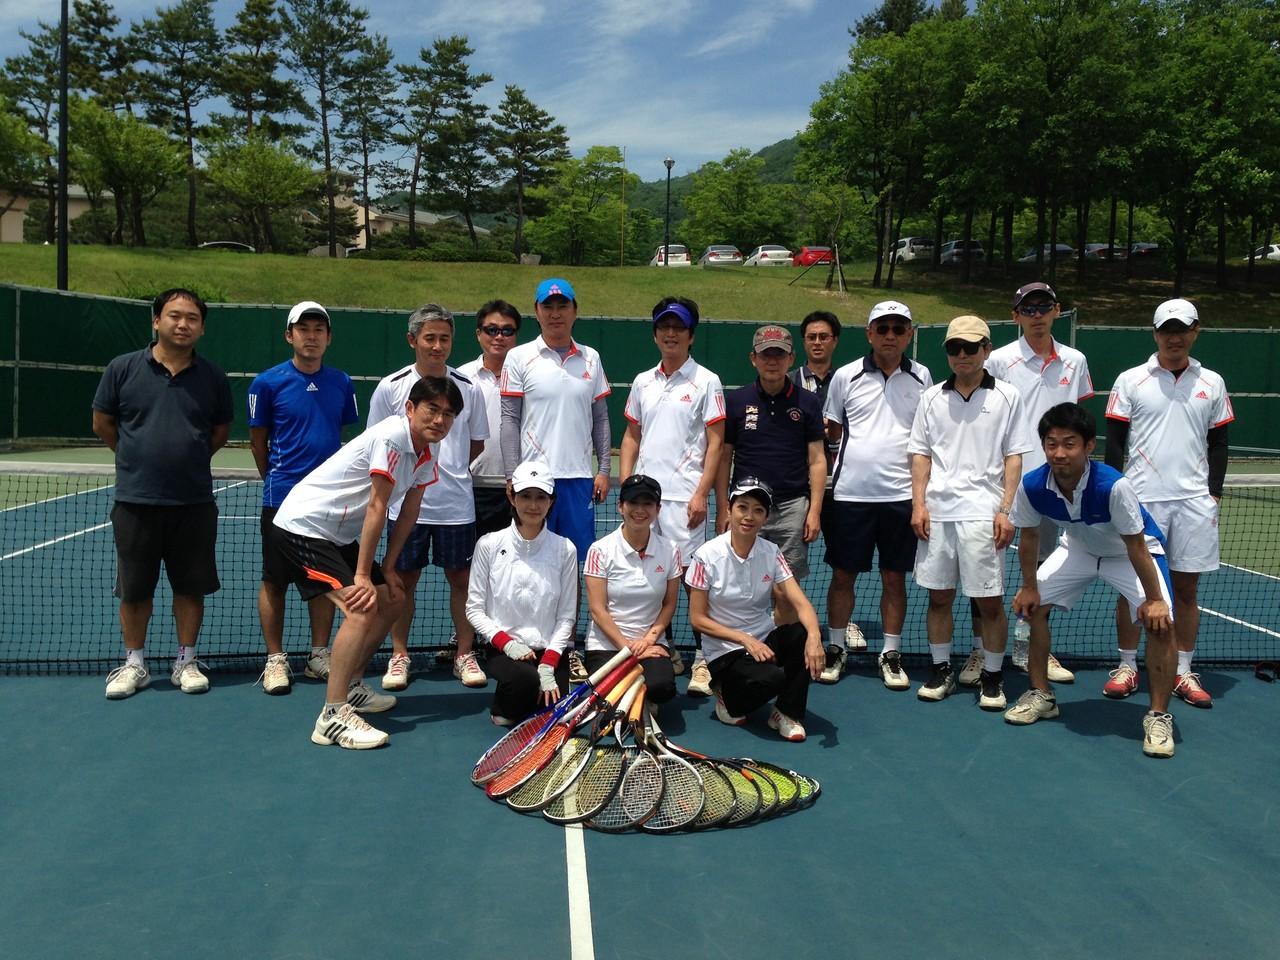 2013年6月1日、2日 合宿集合写真、良い天気と素晴らしい施設でテニスに打ち込みました。